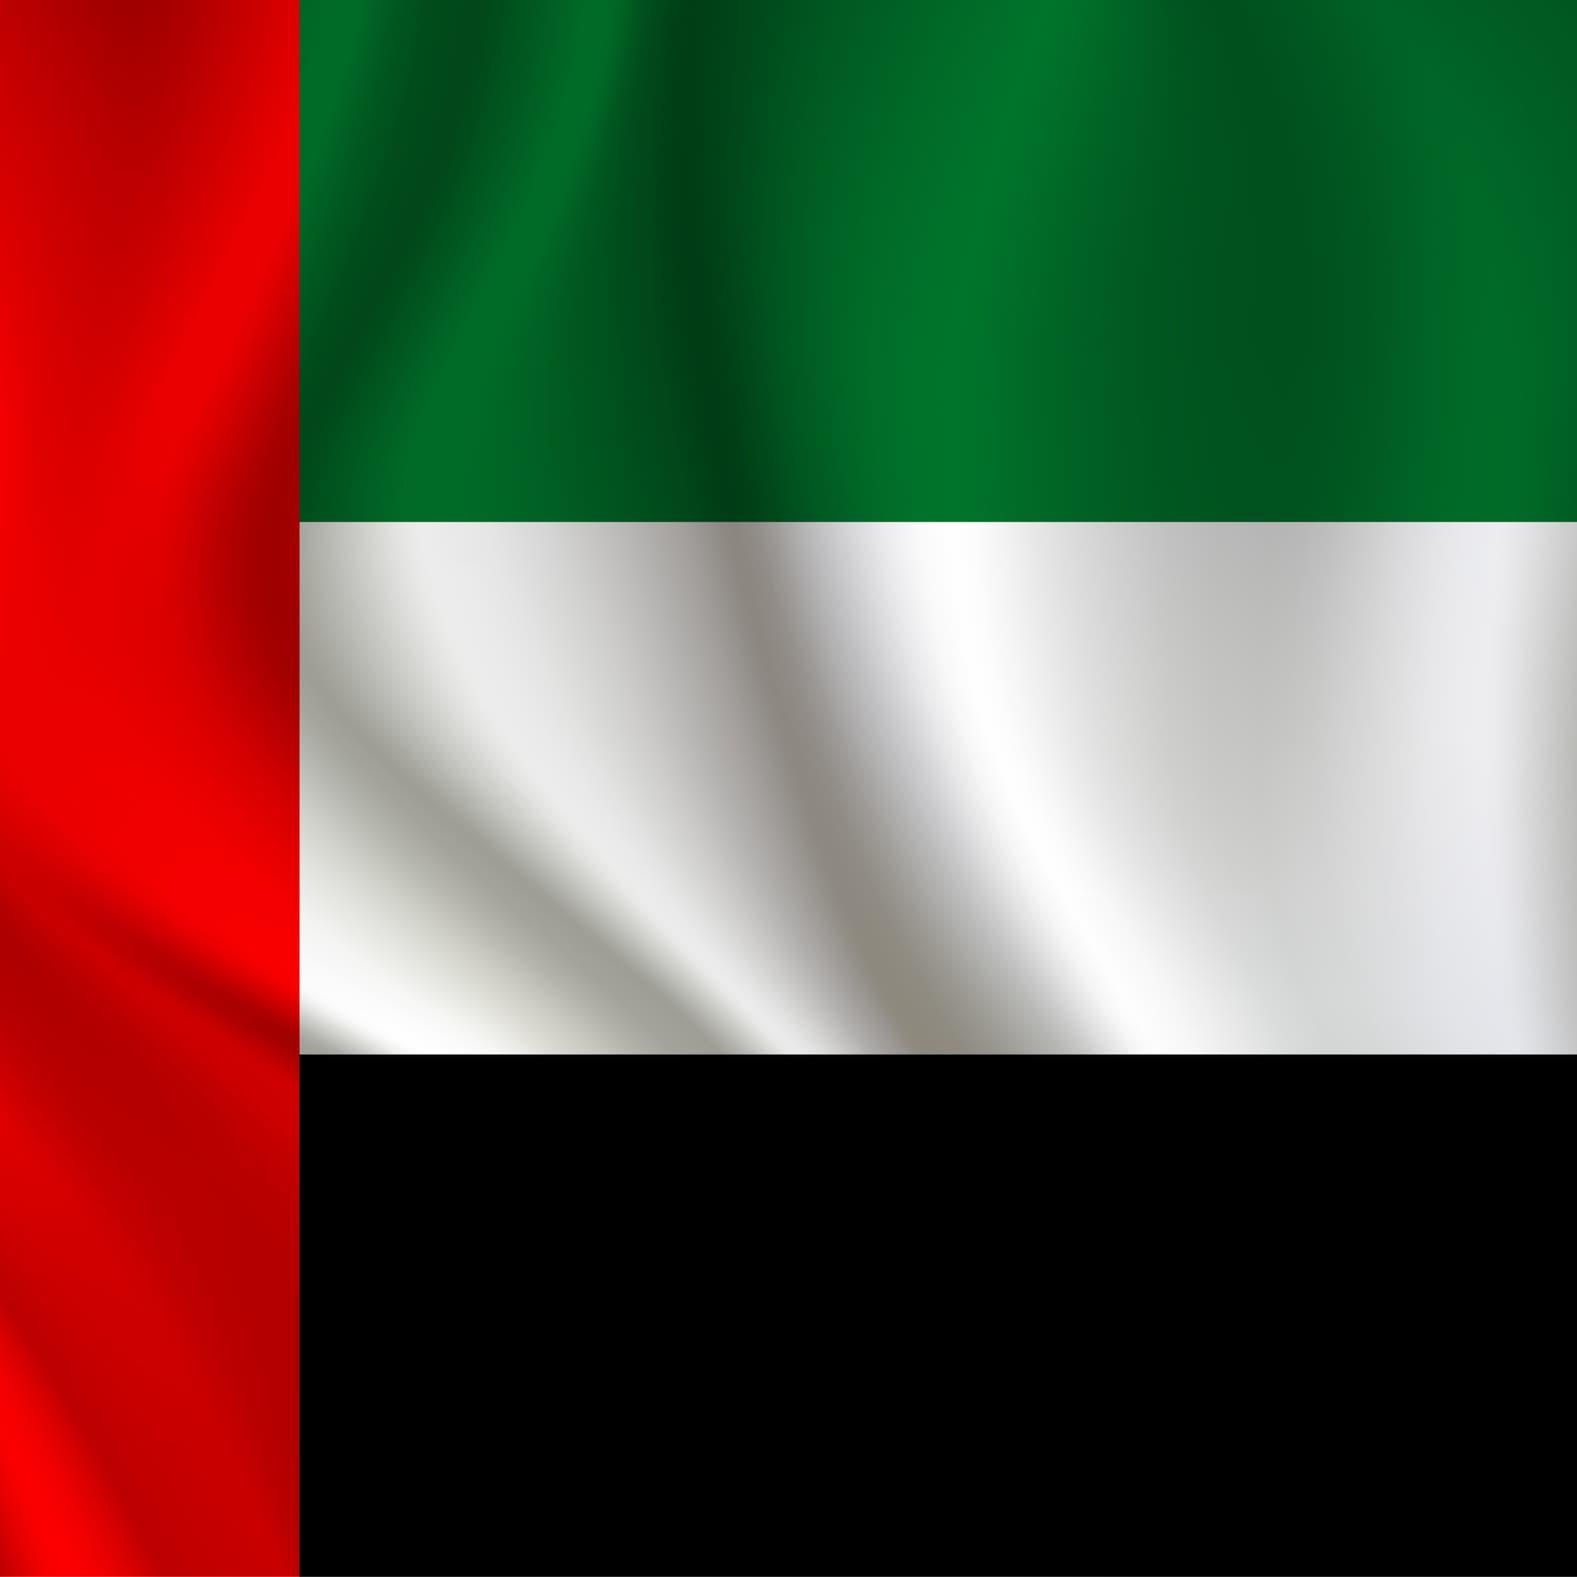 الإمارات لمجلس الأمن: تركيا تسعى لزرع الفوضى بالعالم العربي